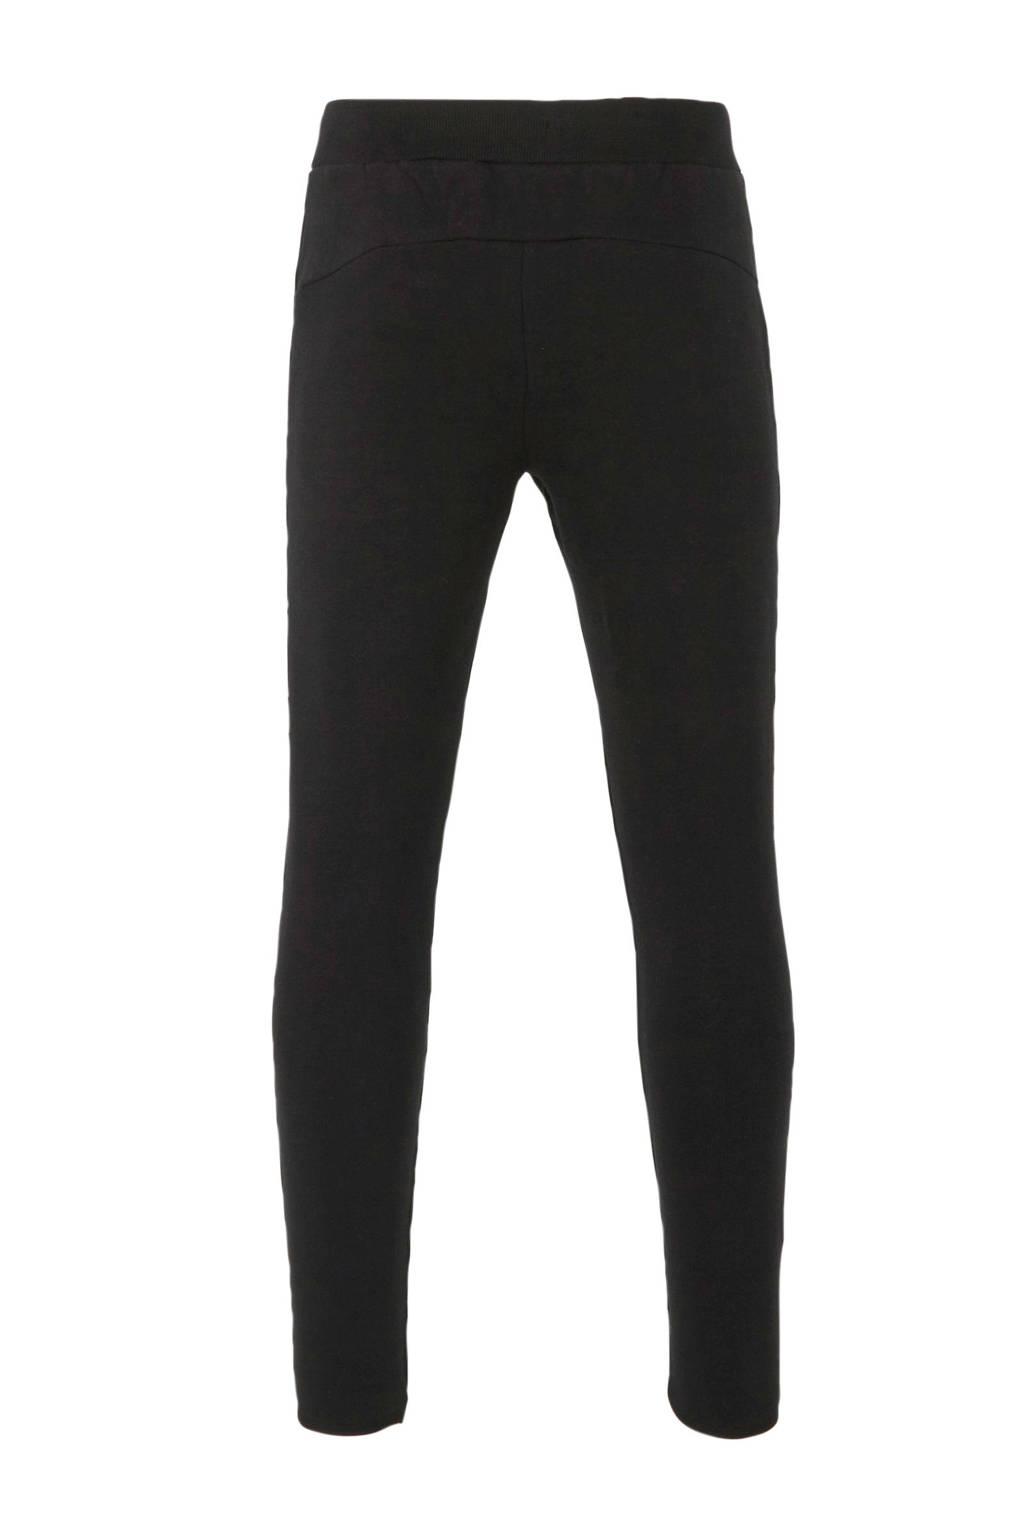 Ellesse   joggingbroek zwart, Zwart